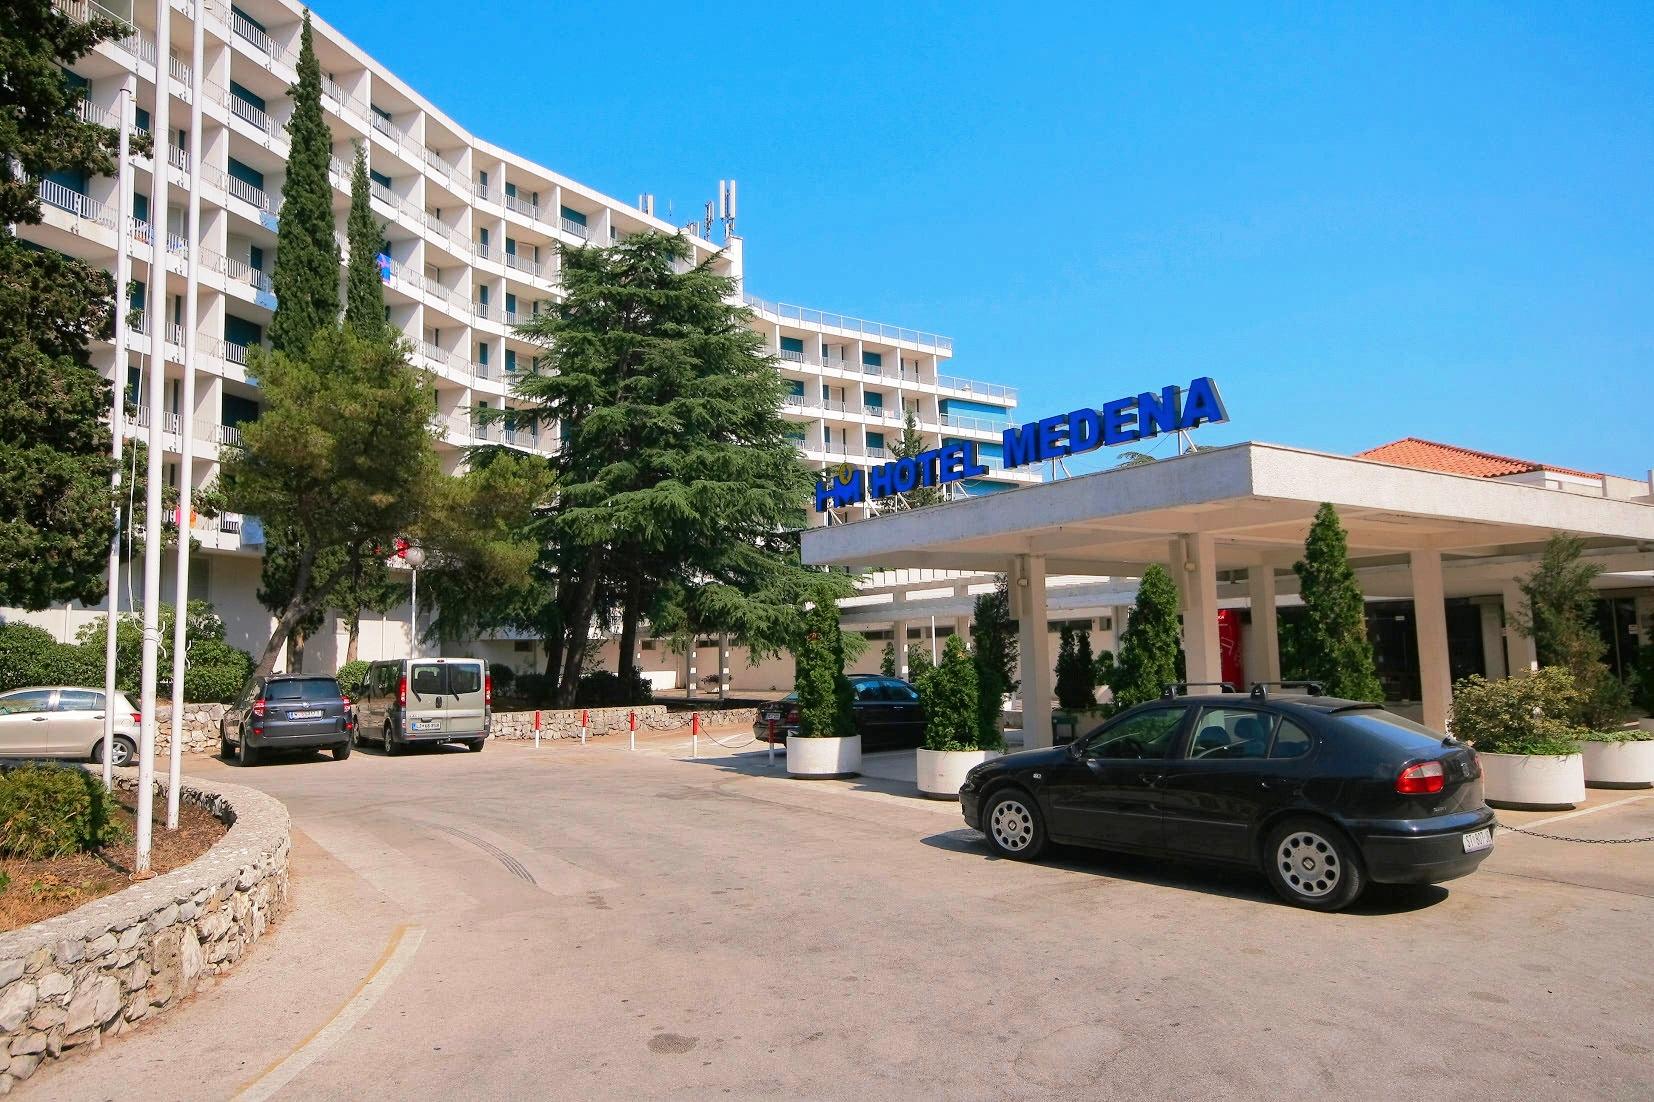 Hotel Medena 9